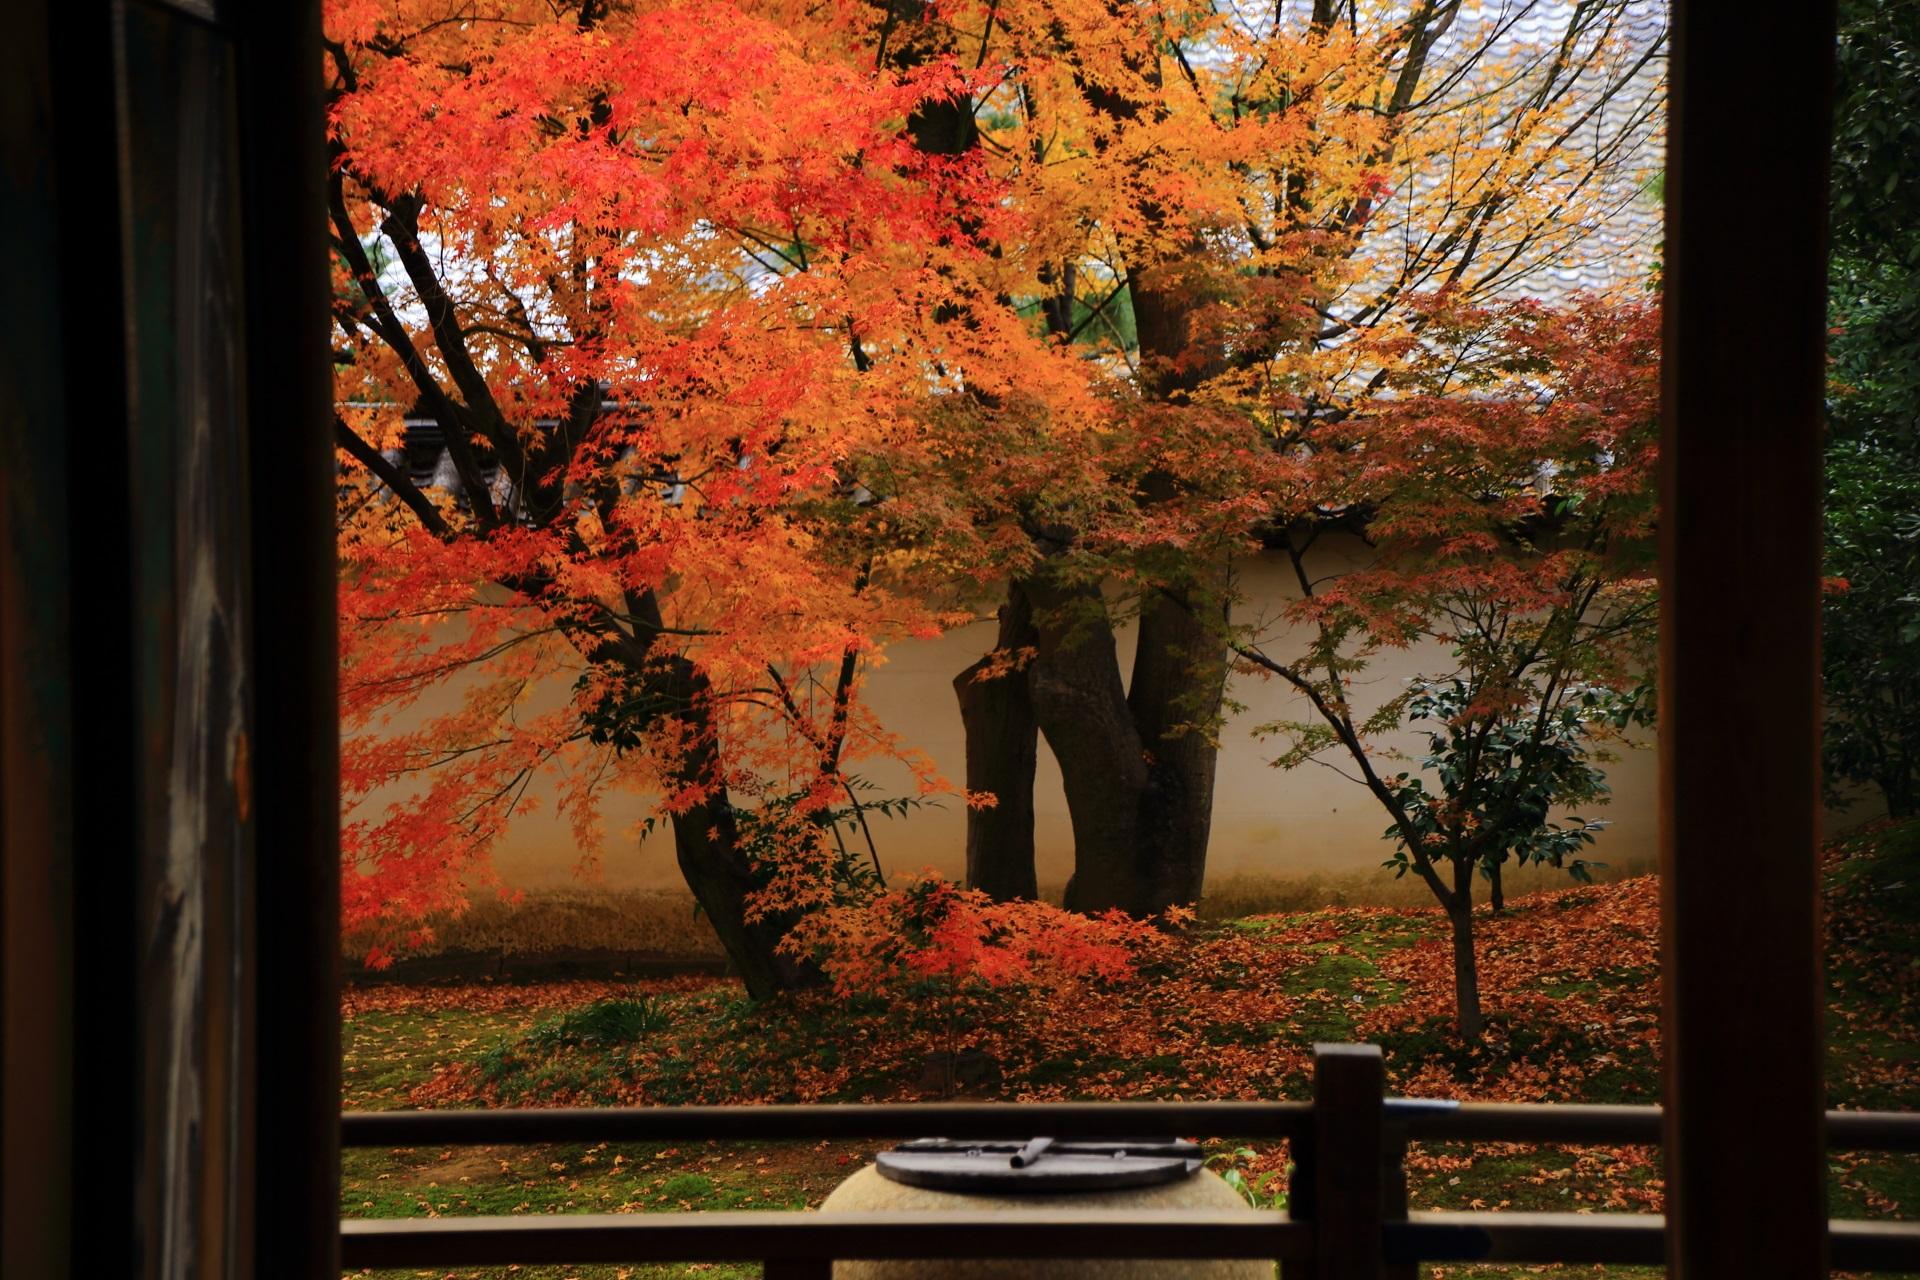 裏方丈庭園前から眺めた方丈西庭の秋色の紅葉